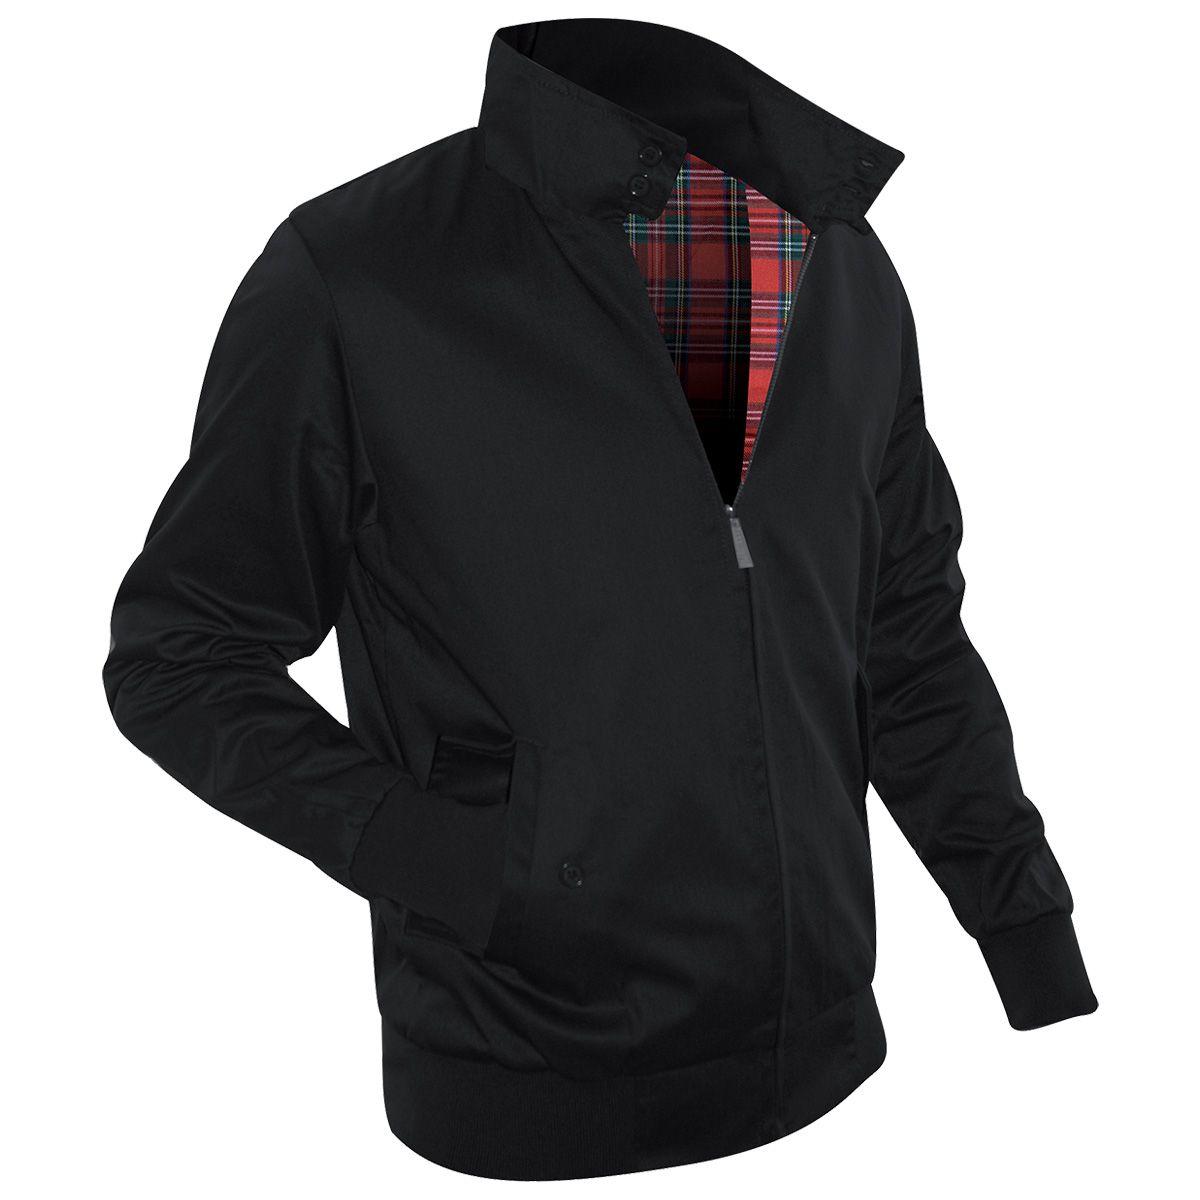 veste harrington noire vestes blousons rock a gogo